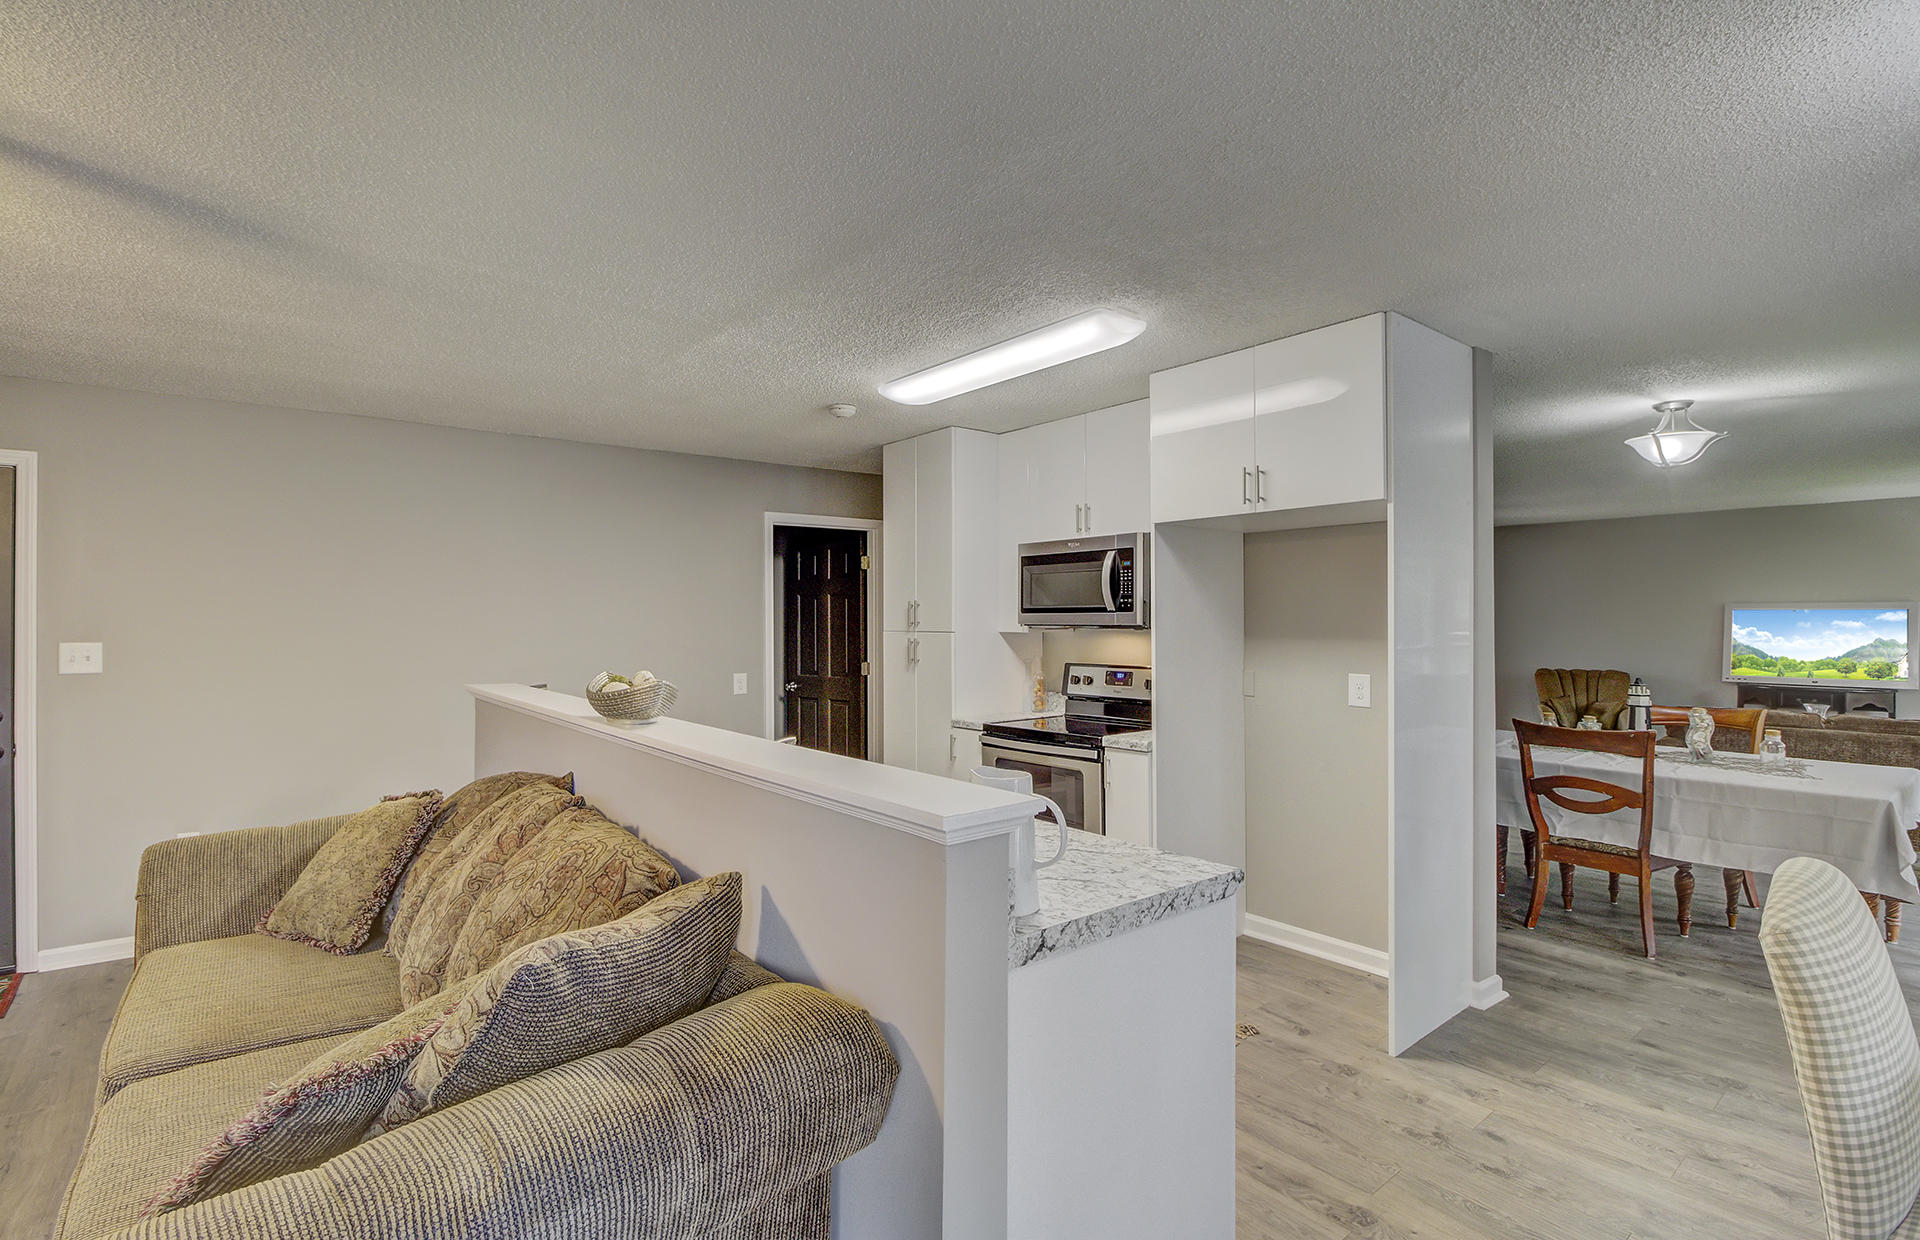 109 Kensington Place Summerville, SC 29485